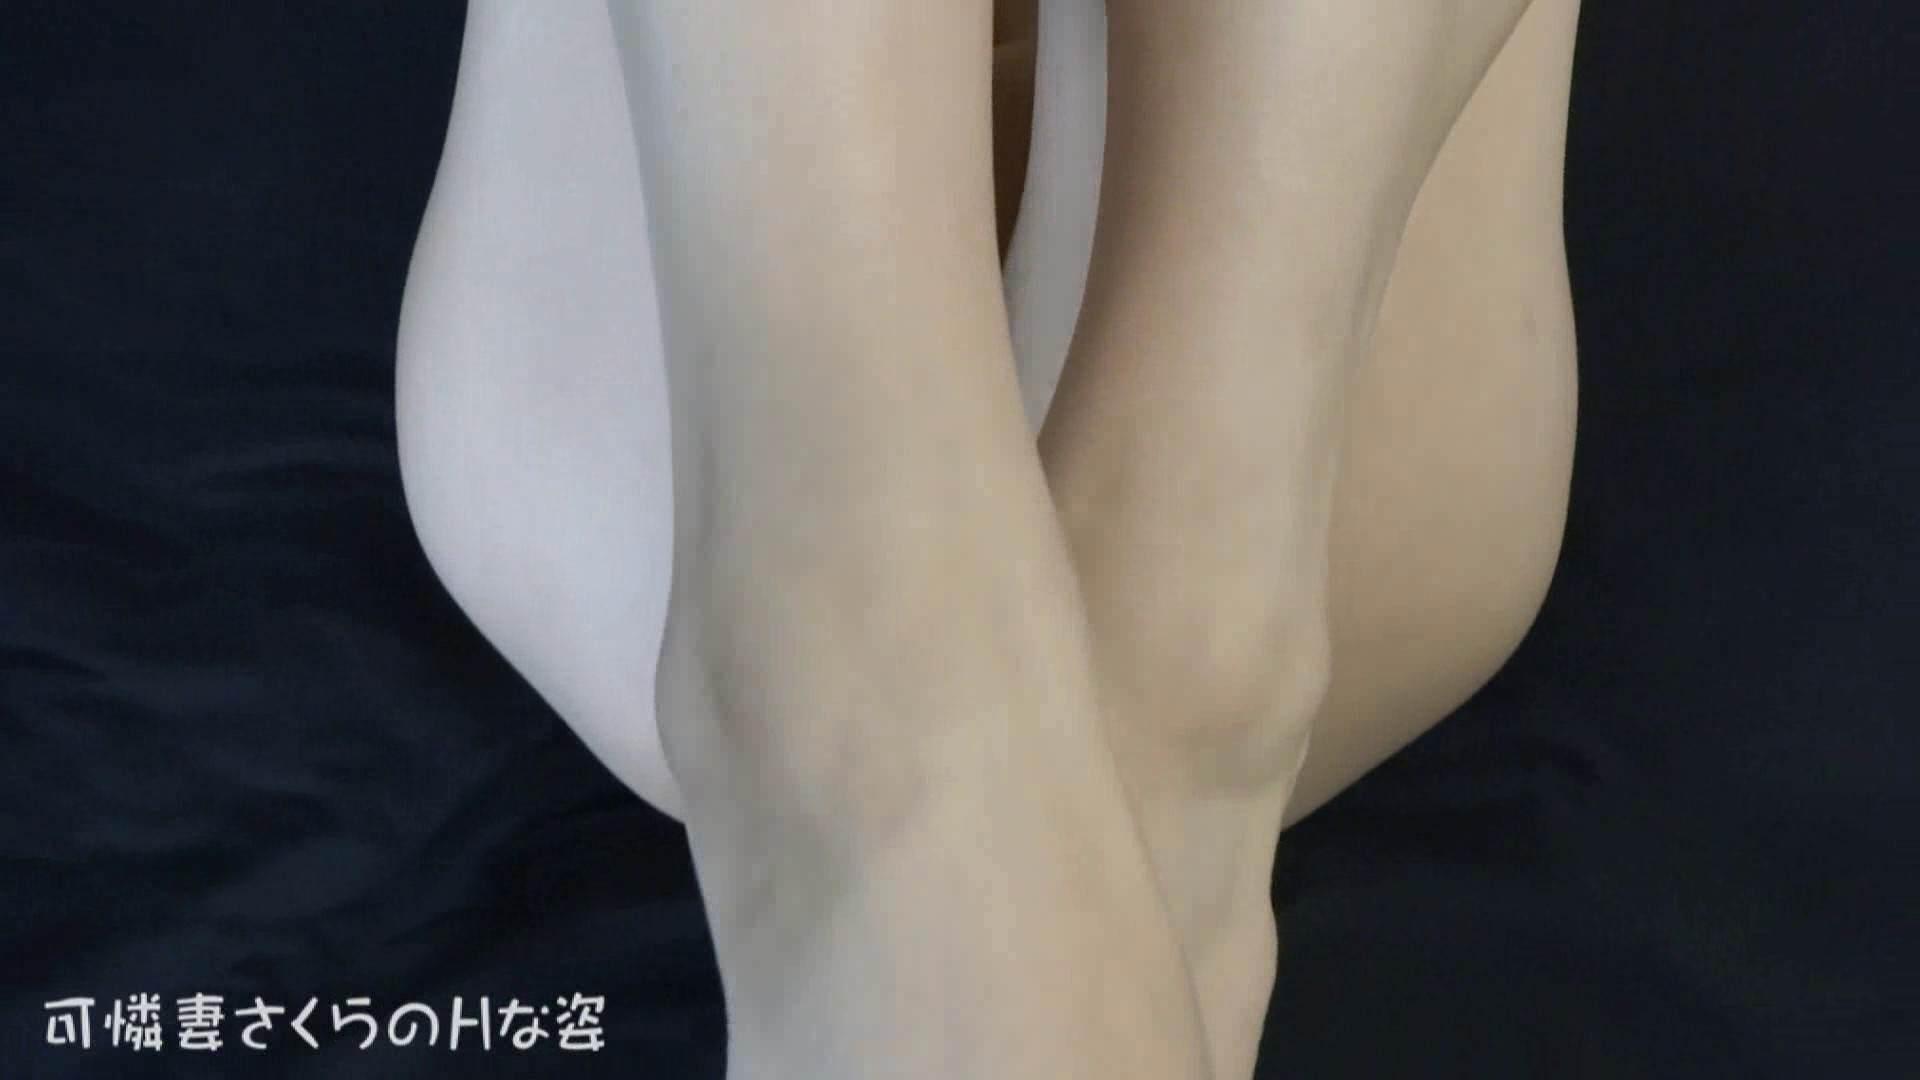 可憐妻さくらのHな姿vol.27 巨乳デカ乳 | OL裸体  77画像 50